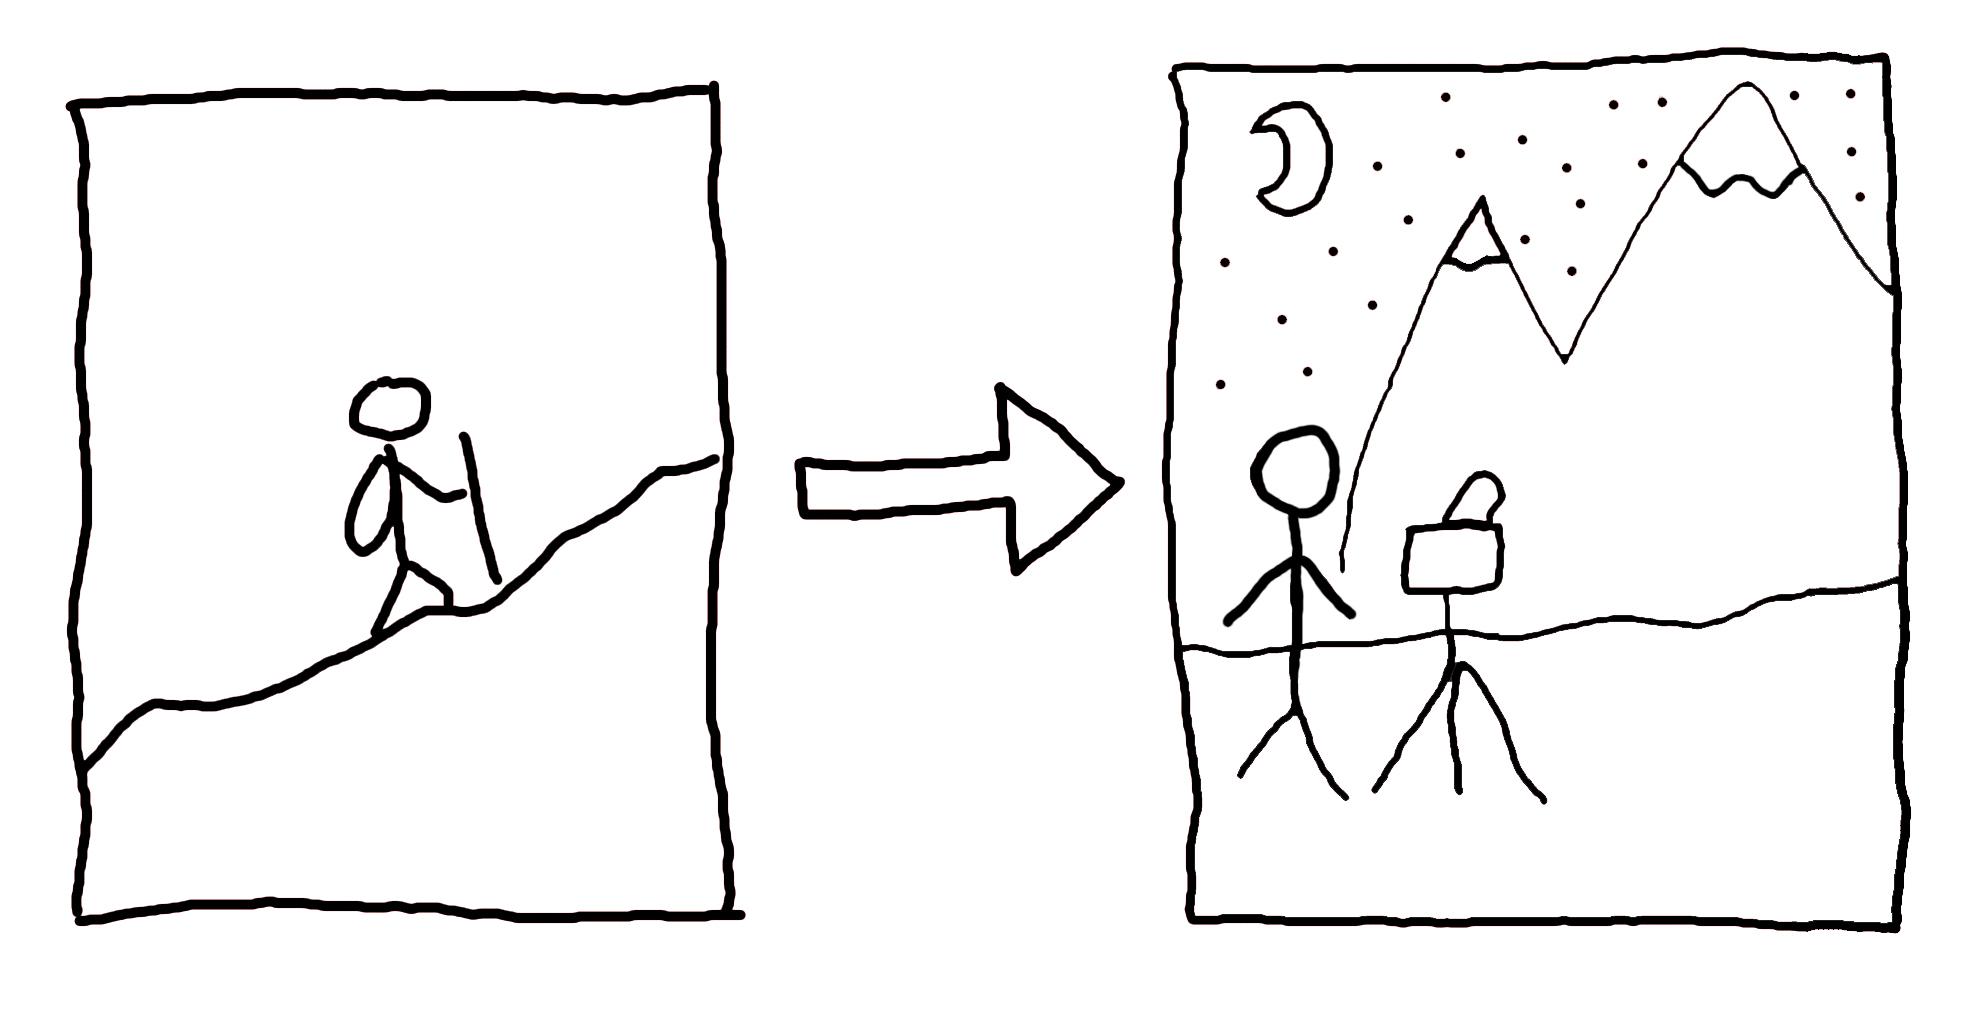 Wie erstellt man Nachtfotos mit Sternenhimmel?